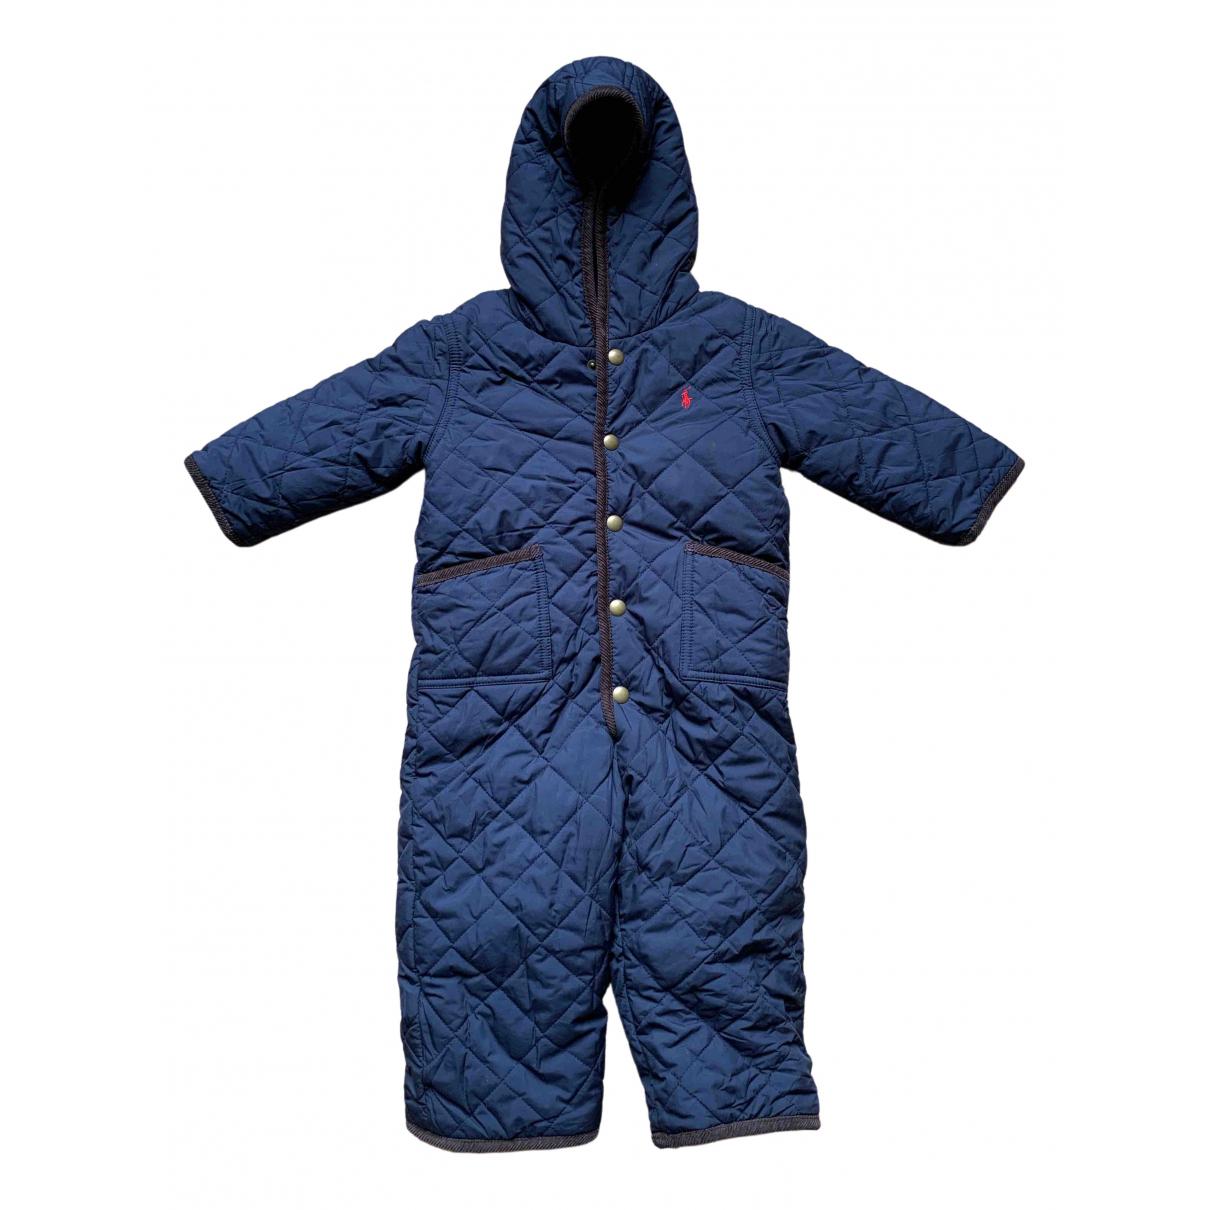 Polo Ralph Lauren - Blousons.Manteaux   pour enfant - bleu